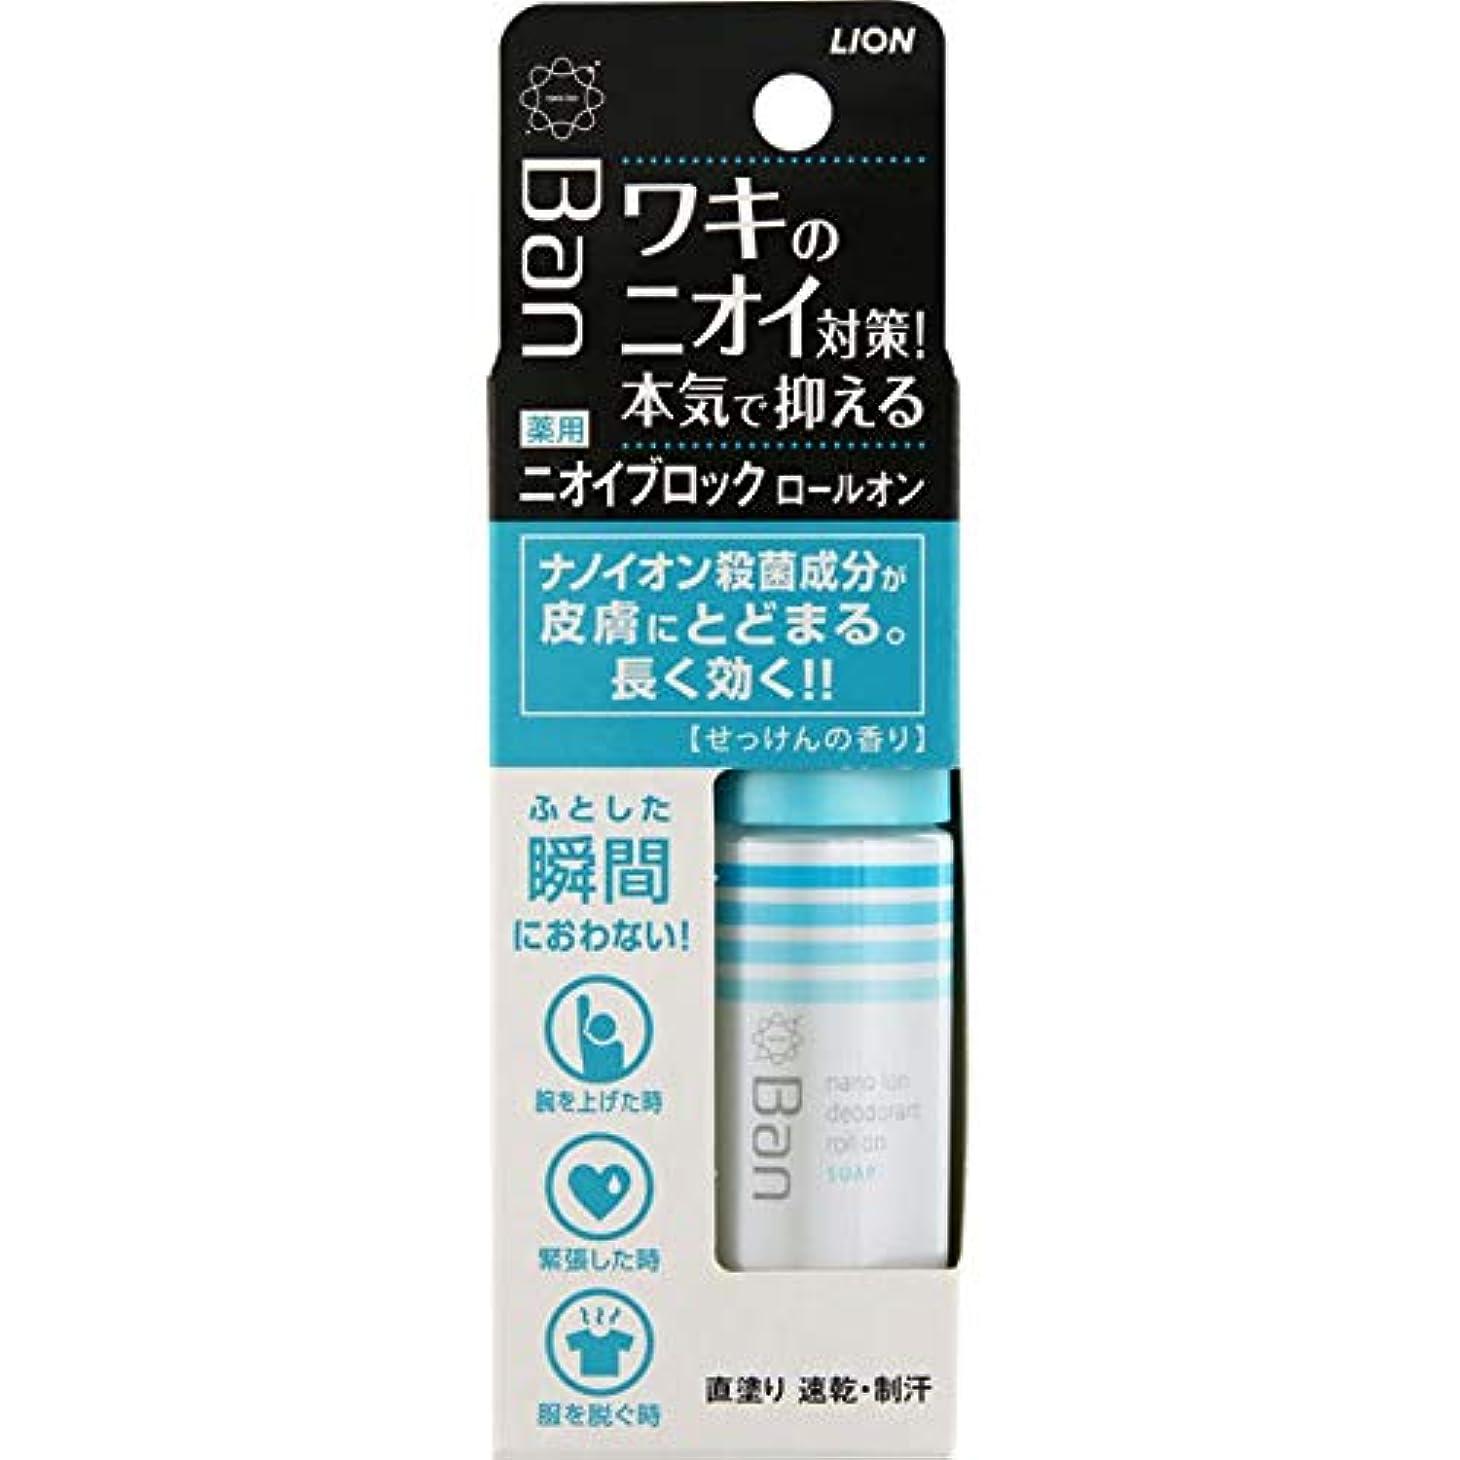 ハブブ正確に武器ライオン Ban ニオイブロックロールオン せっけんの香り 40ml (医薬部外品)